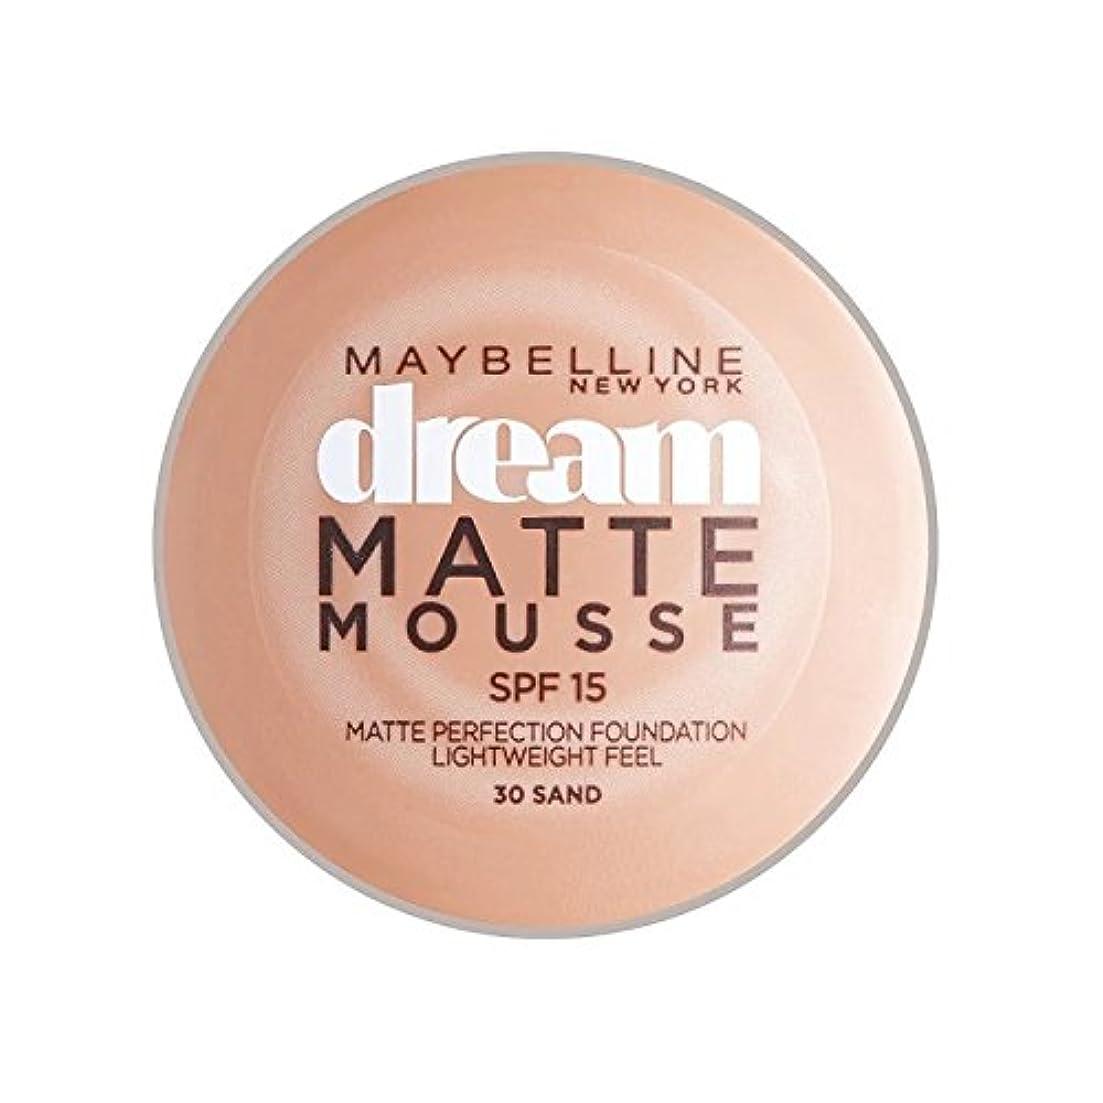 残酷キャンパス黄ばむMaybelline Dream Matte Mousse Foundation 30 Sand 10ml - メイベリン夢のマットムース土台30砂の10ミリリットル [並行輸入品]